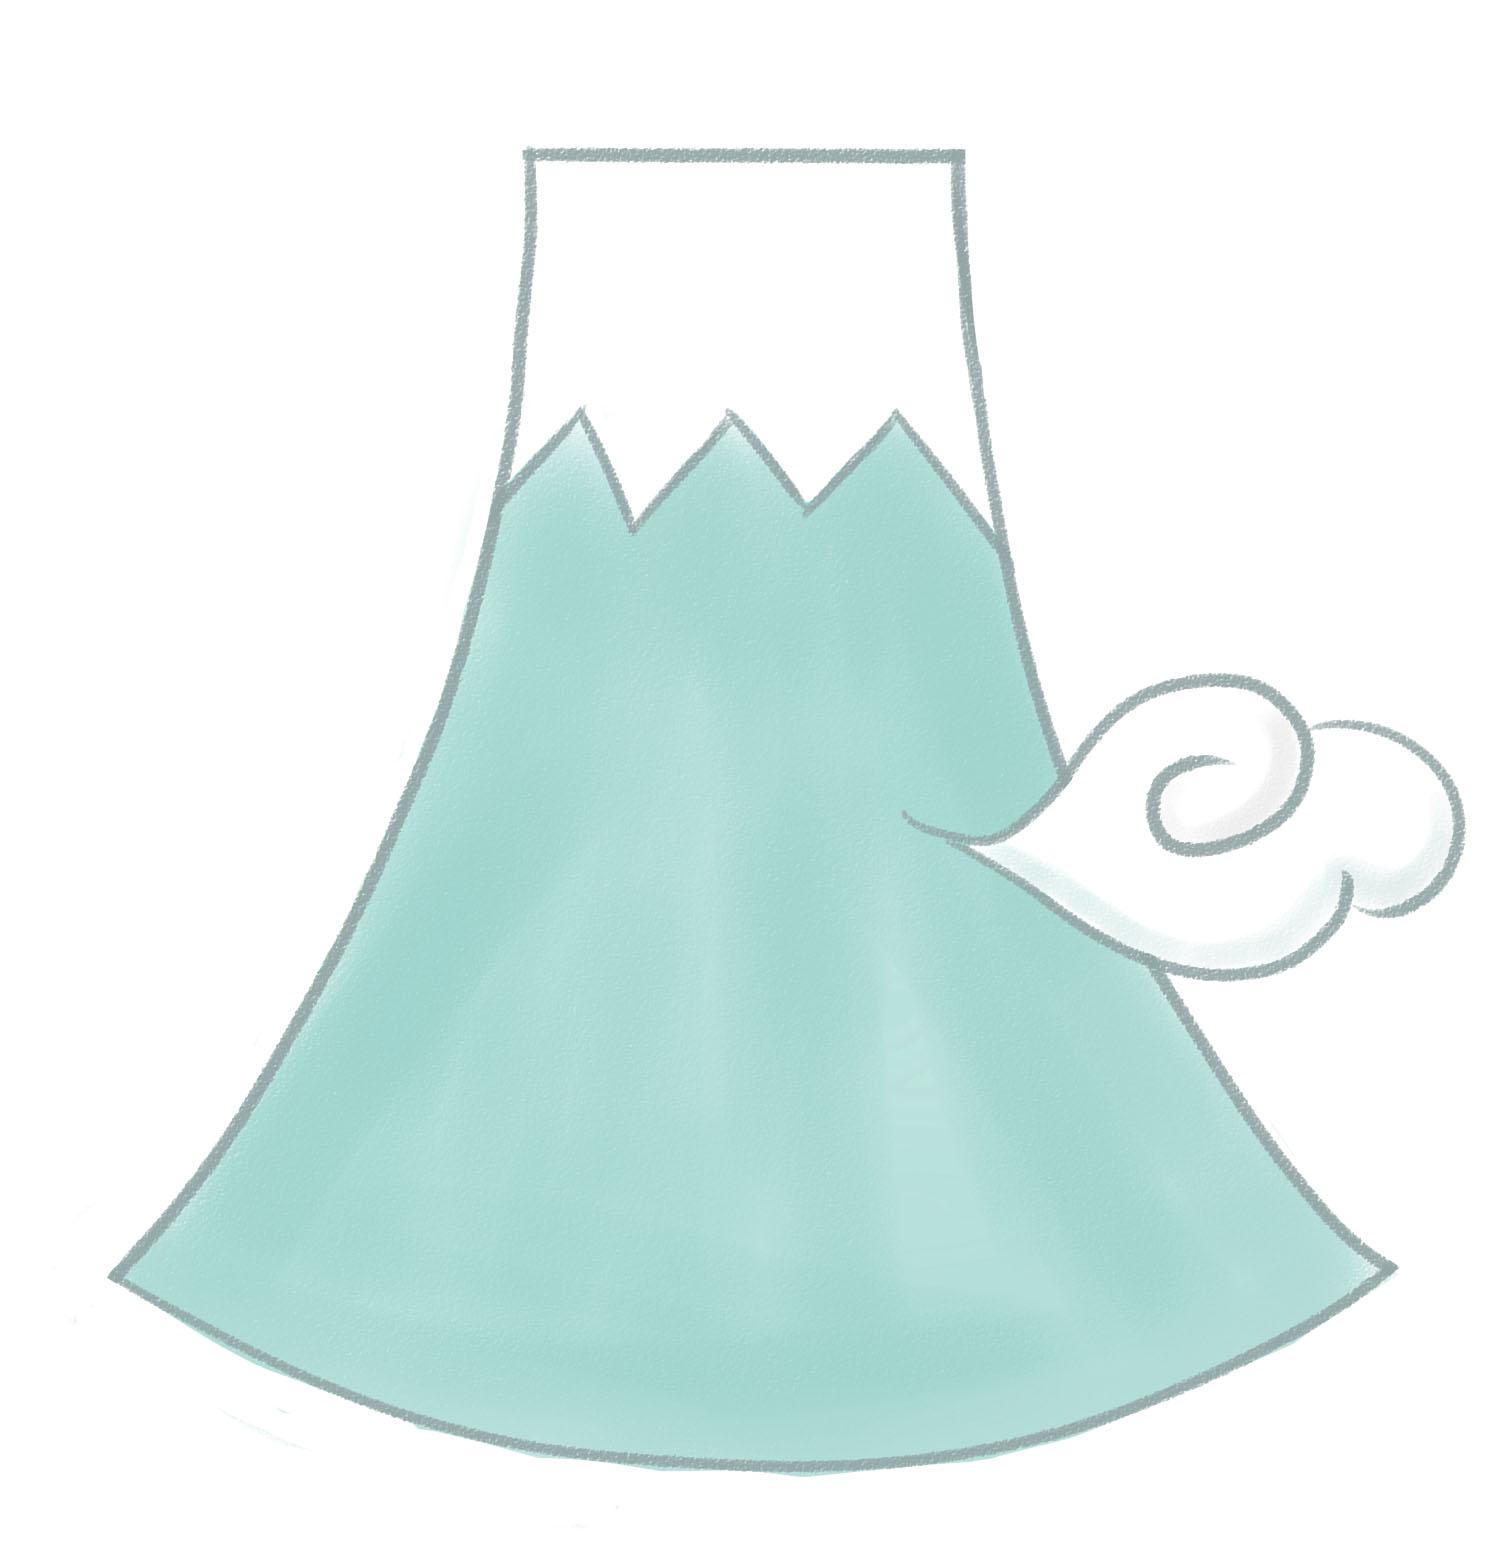 年賀状 2015 年賀状 ひつじ : 雲をまとった富士山のイラスト ...